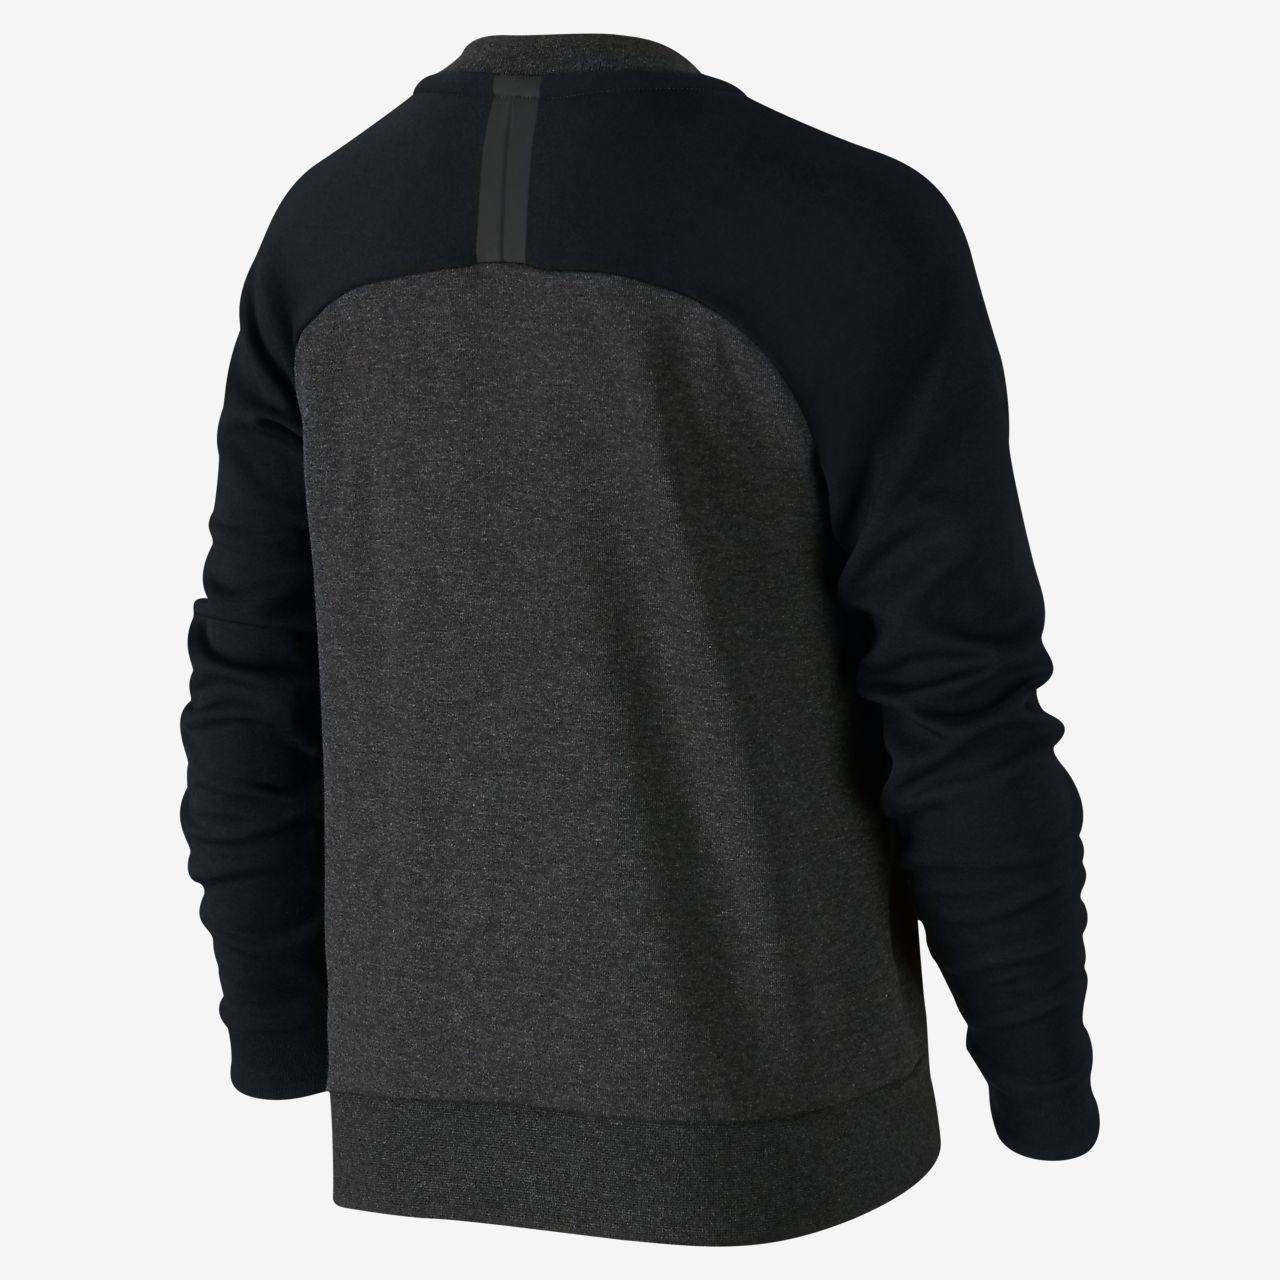 8ed7459e2 Nike Sportswear Tech Fleece Bomber Older Kids' (Boys') Jacket. Nike ...